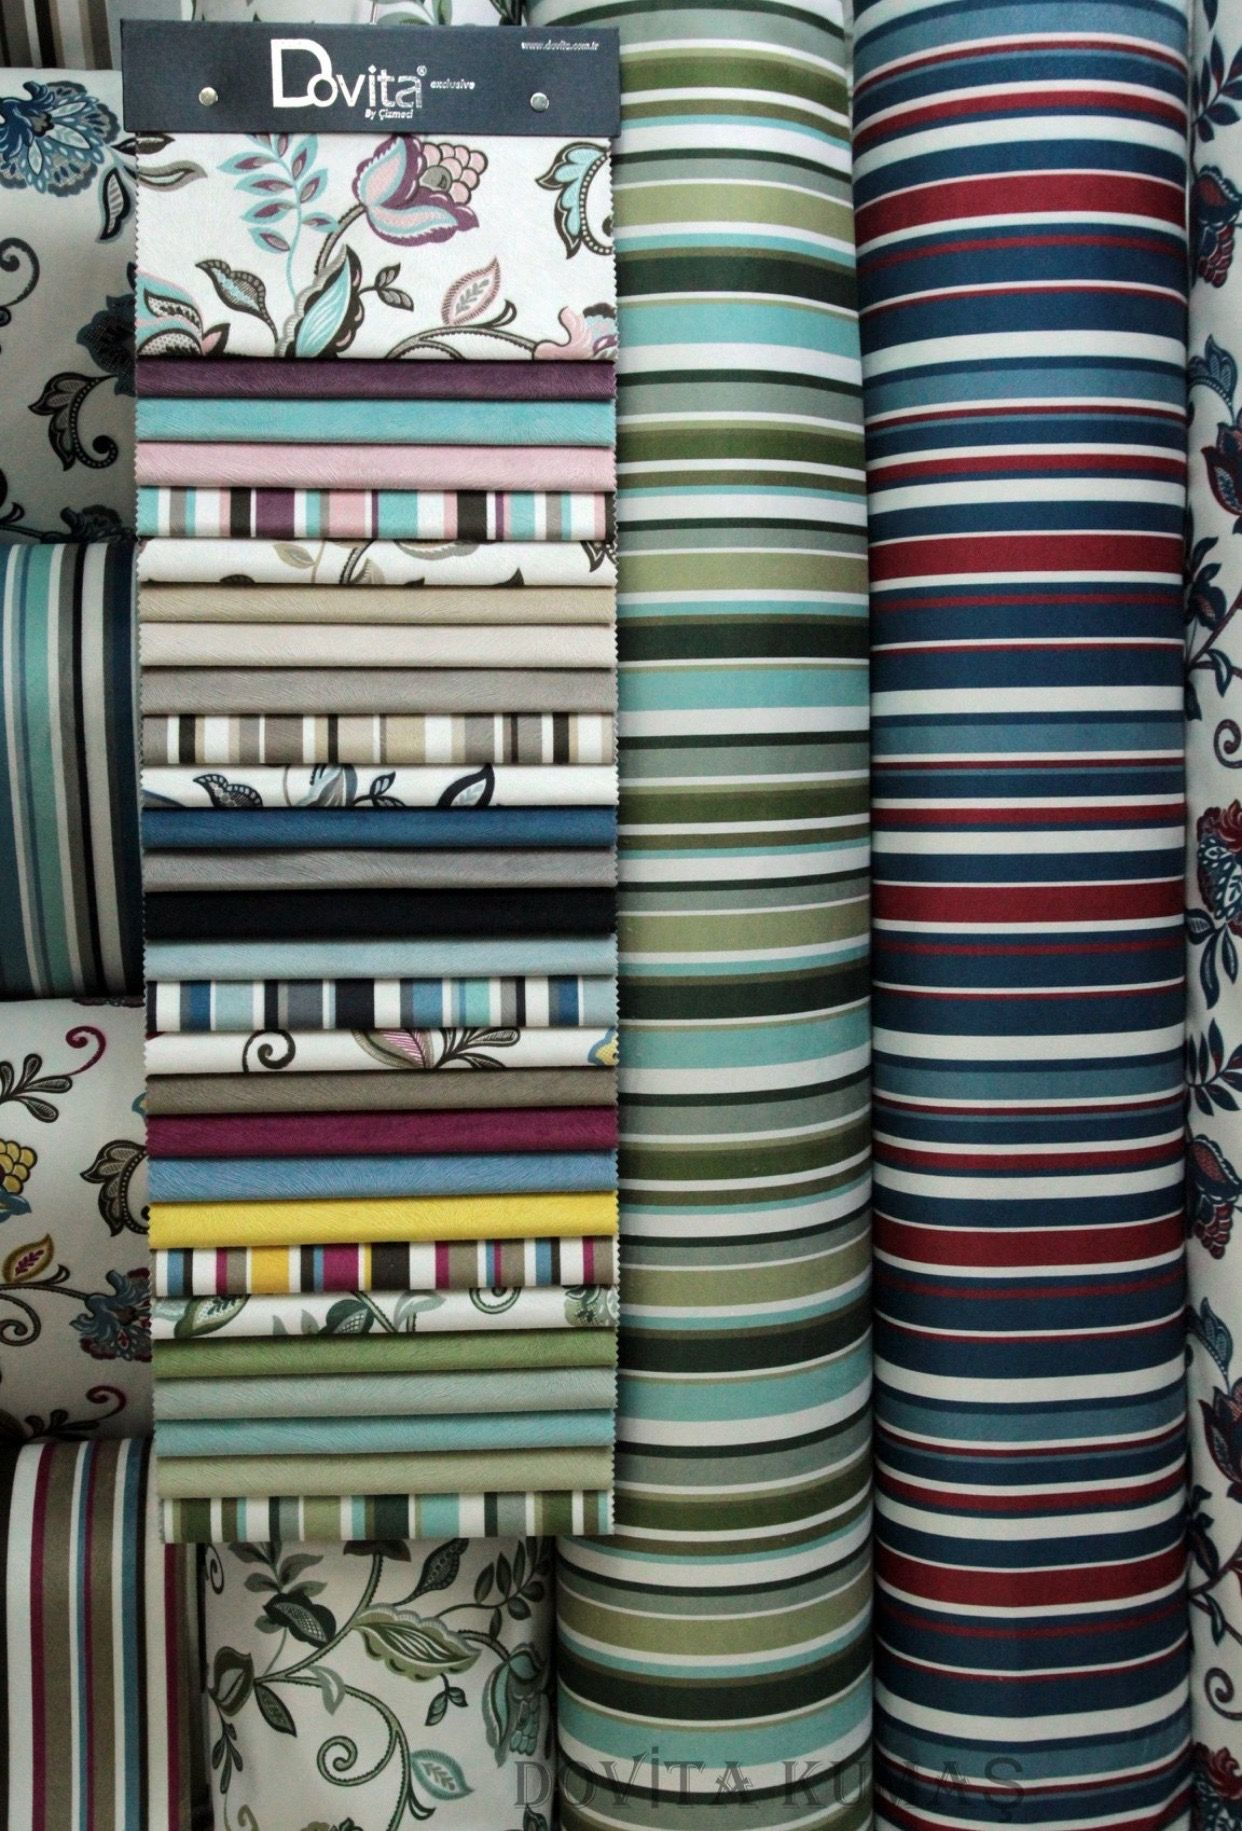 Dovita Dosemelik Kumas Istanbul Taytuyu Bahar Serisi Instagram Dovitakumas Interiordesign Homedecoration Homedecor Dec Dosemelik Kumaslar Kumas Bahar